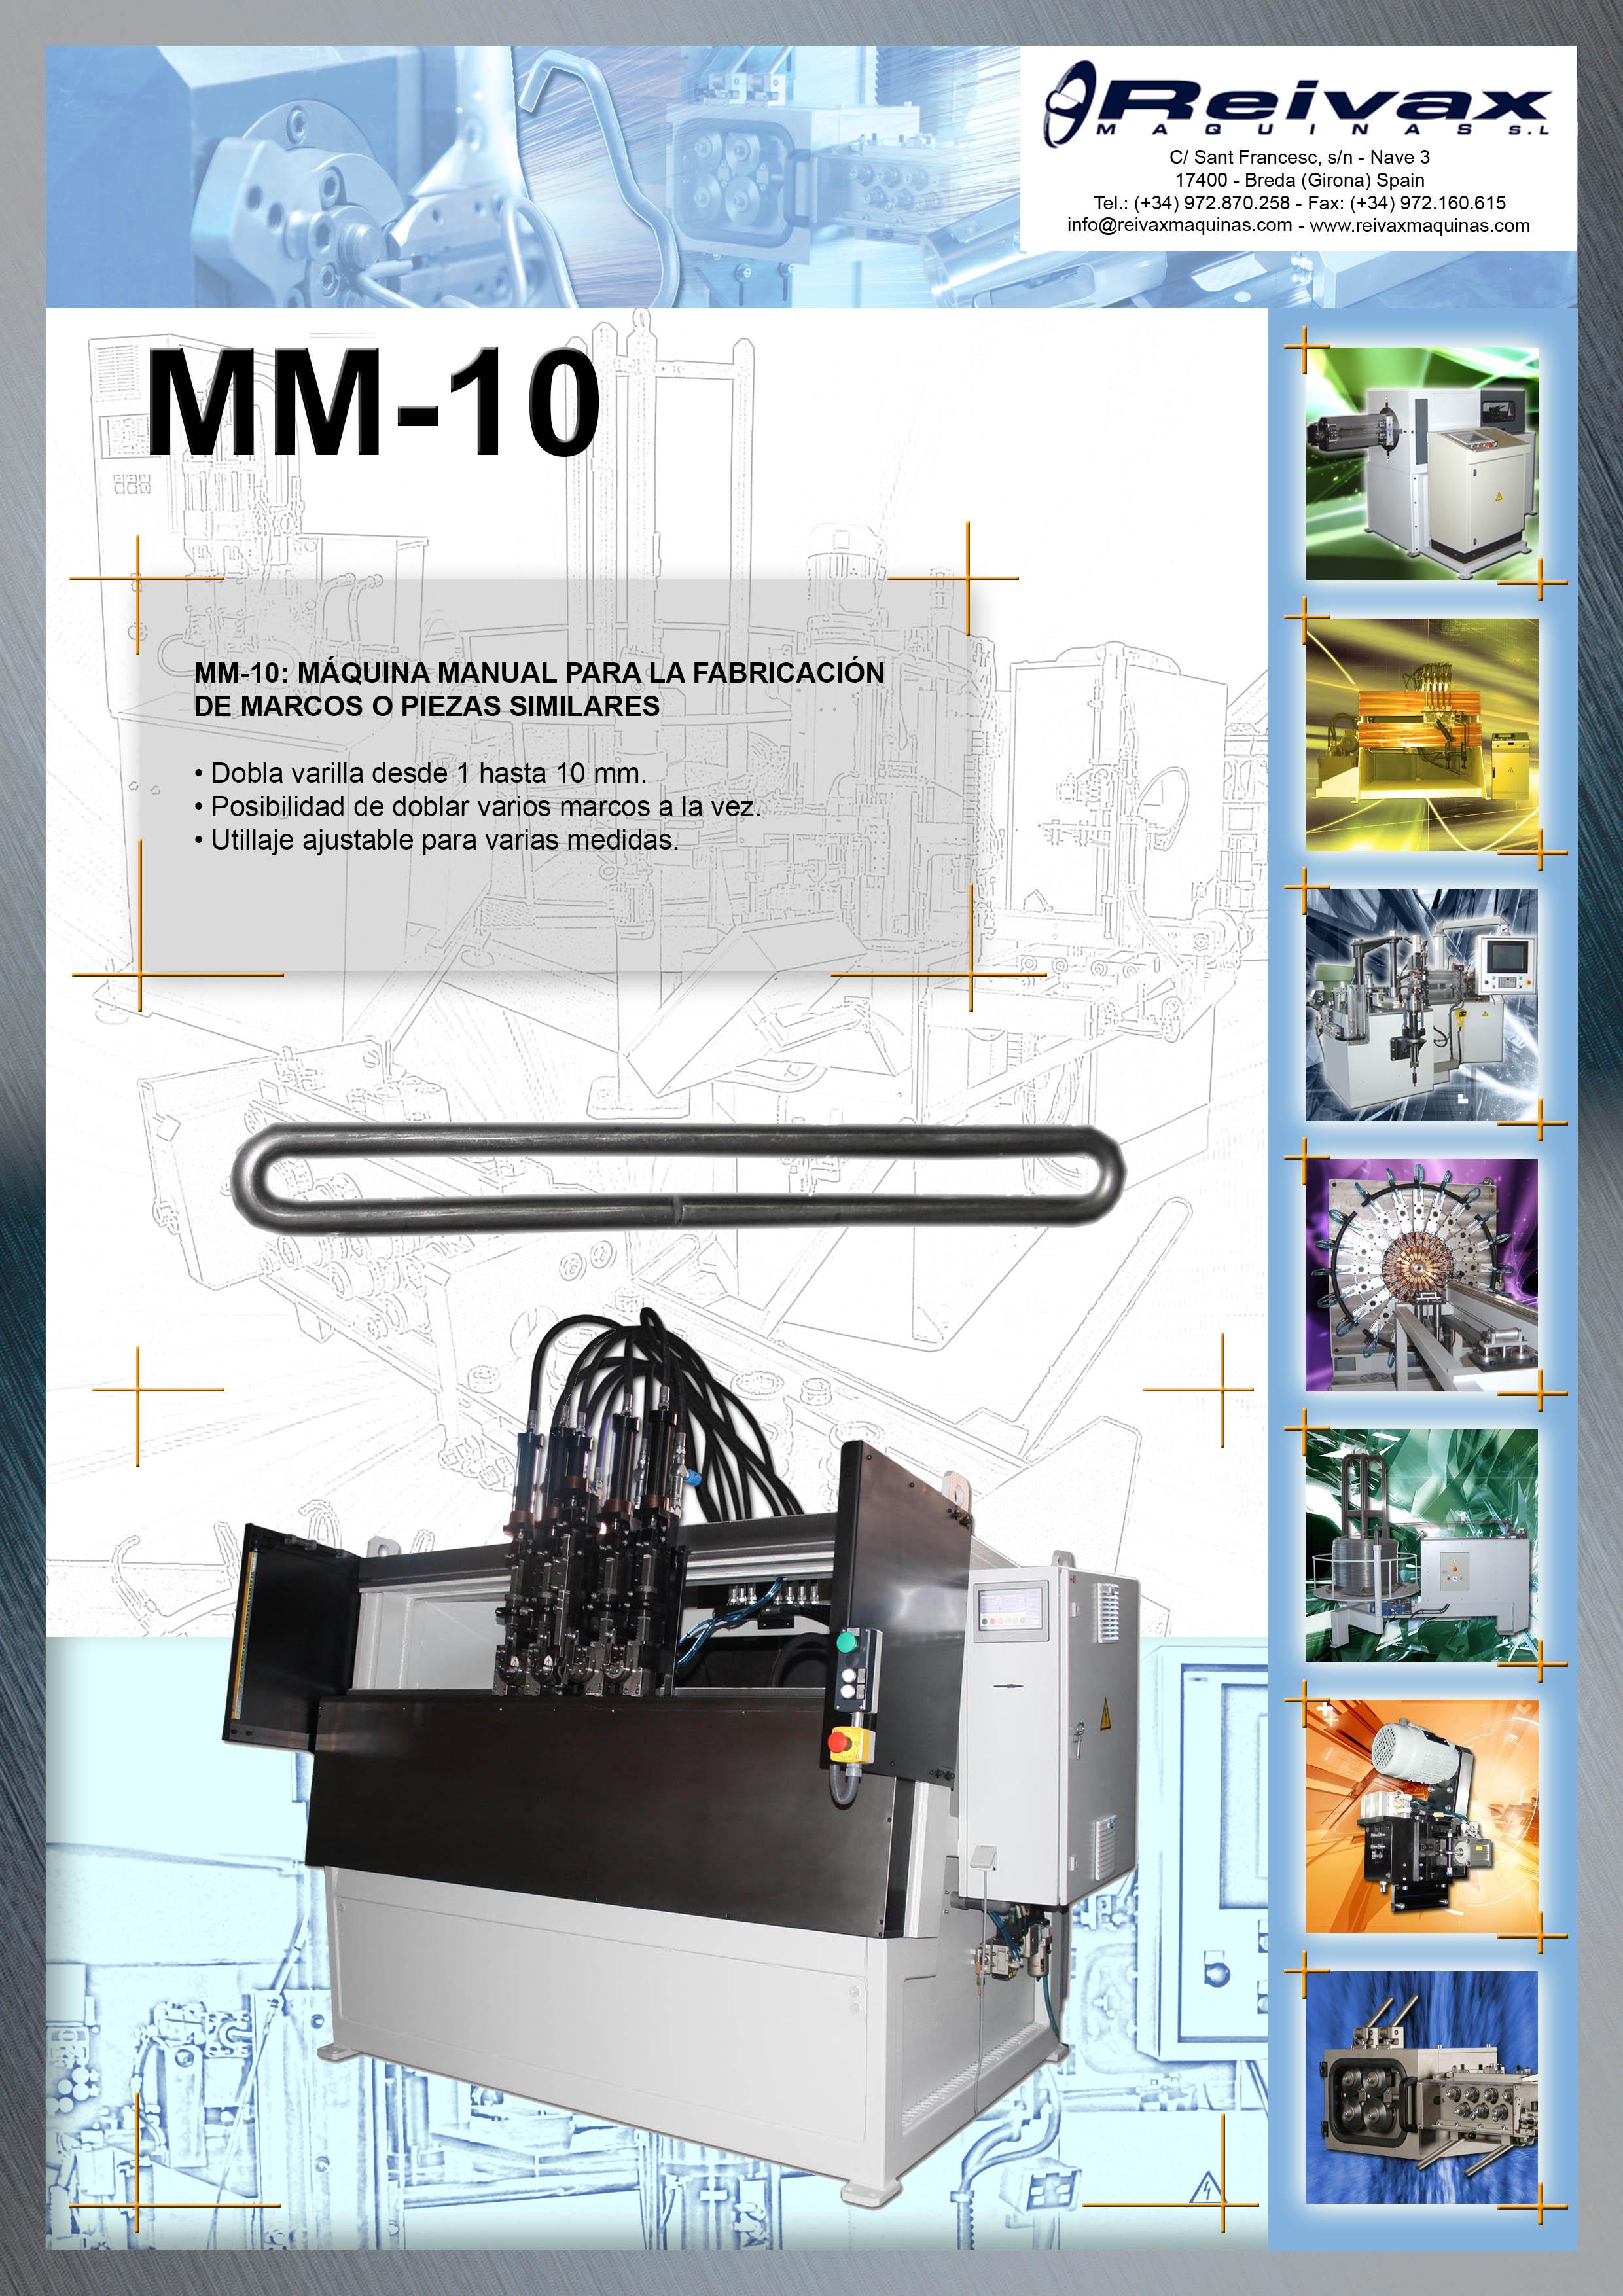 ReiVaxMaquinas: Ficha Tecnica MM-10